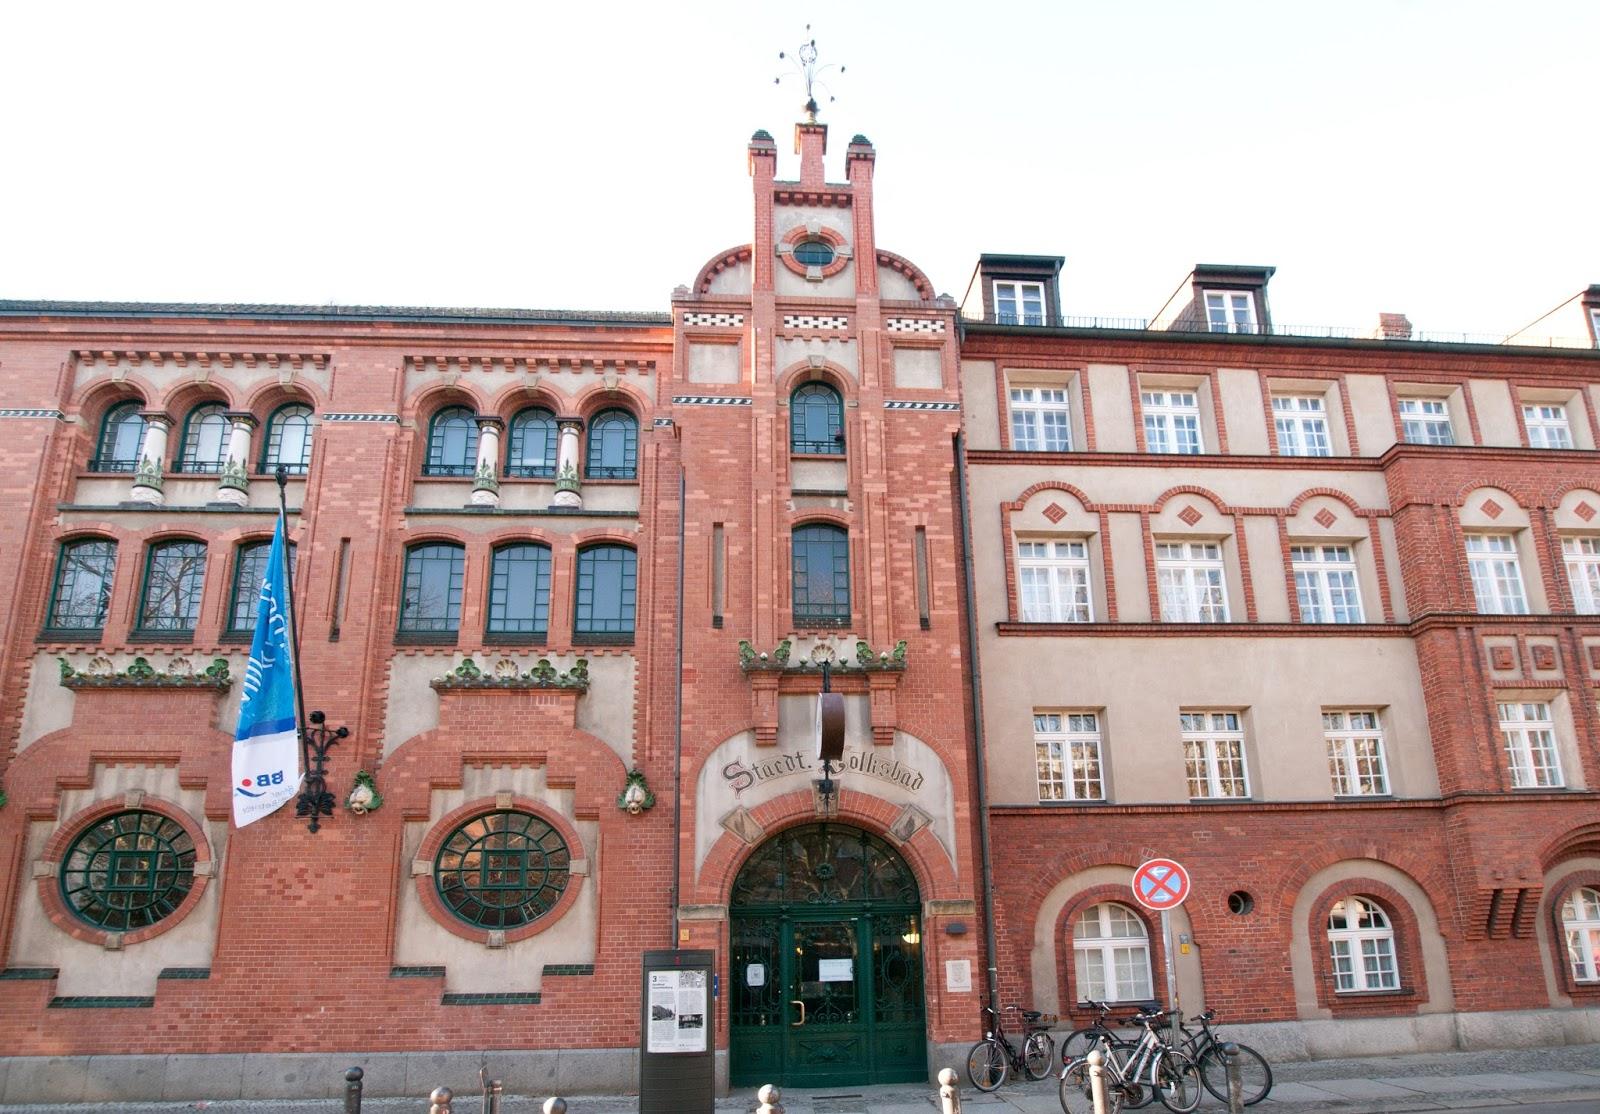 Iberty: Schwimmbad Berlin: Alte Halle, Charlottenburg